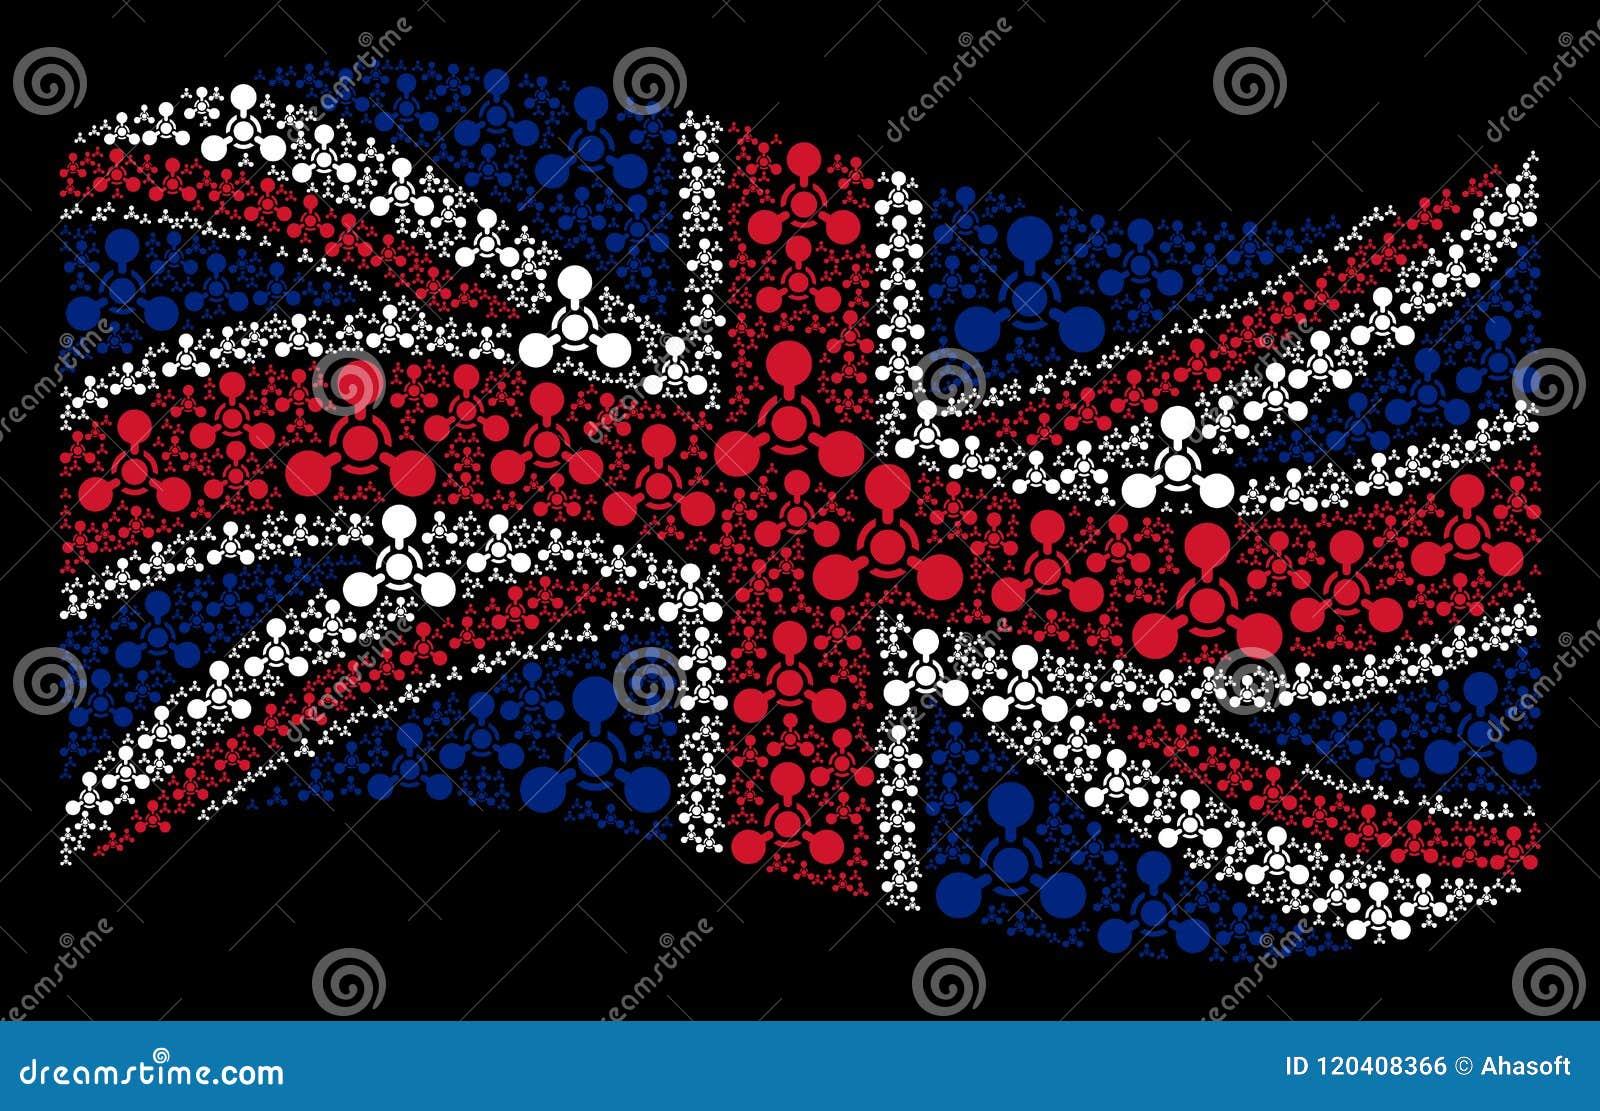 Развевая картина флага Великобритании значков химической войны агента нервно-паралитического действия WMD